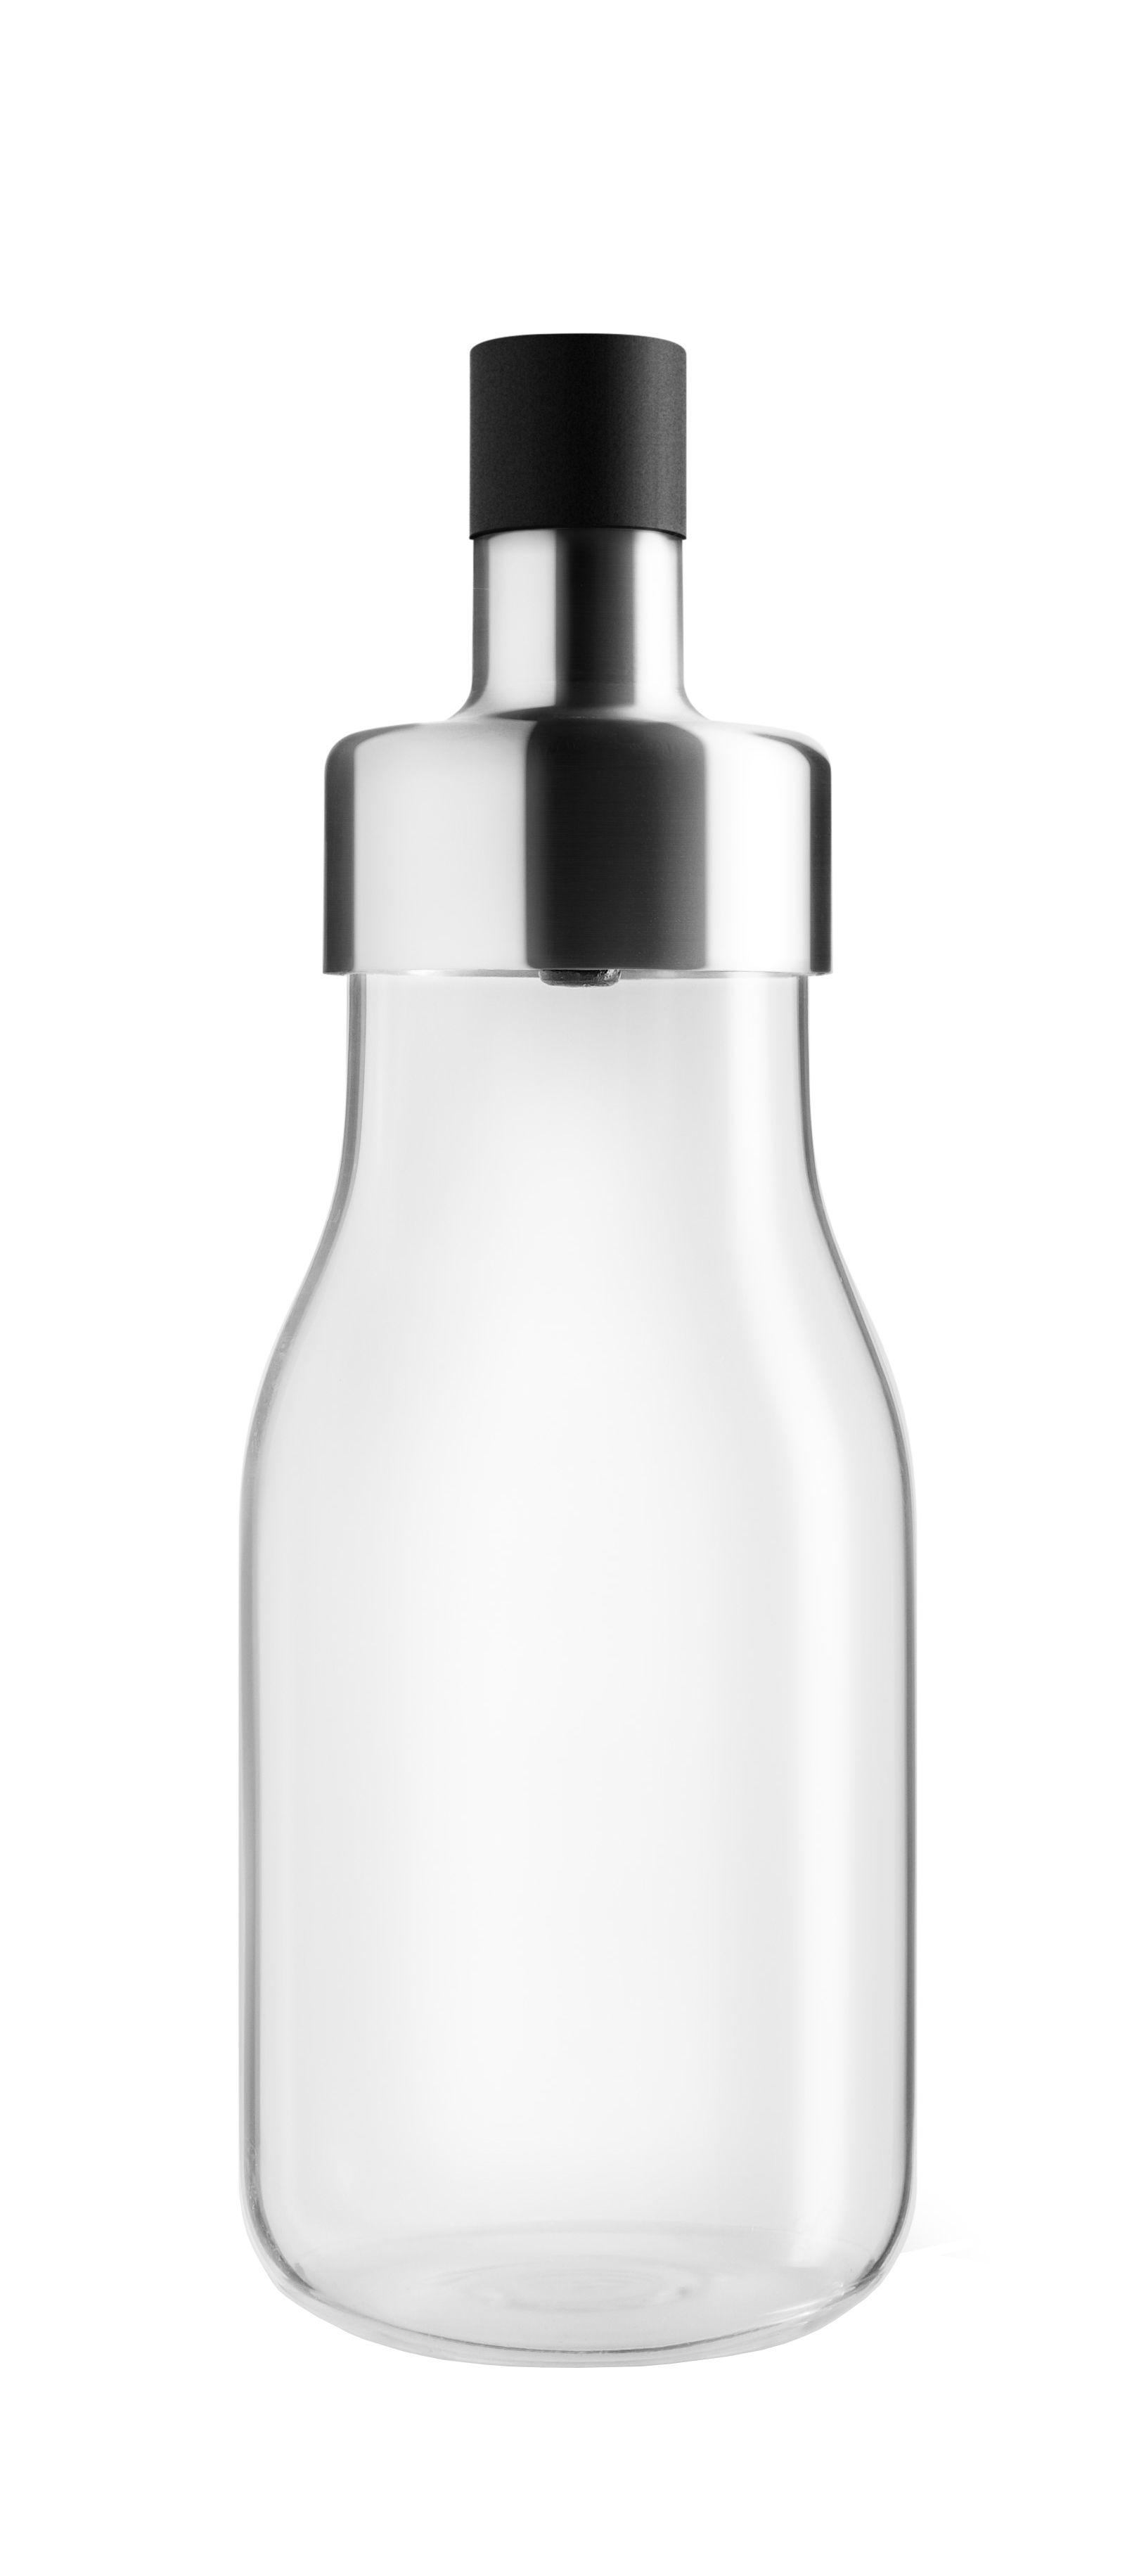 Arts de la table - Huile et vinaigre - Shaker à vinaigrette MyFlavour / Stoppe-goutte - Eva Solo - Transparent - Acier inoxydable, Silicone, Verre borosilicaté